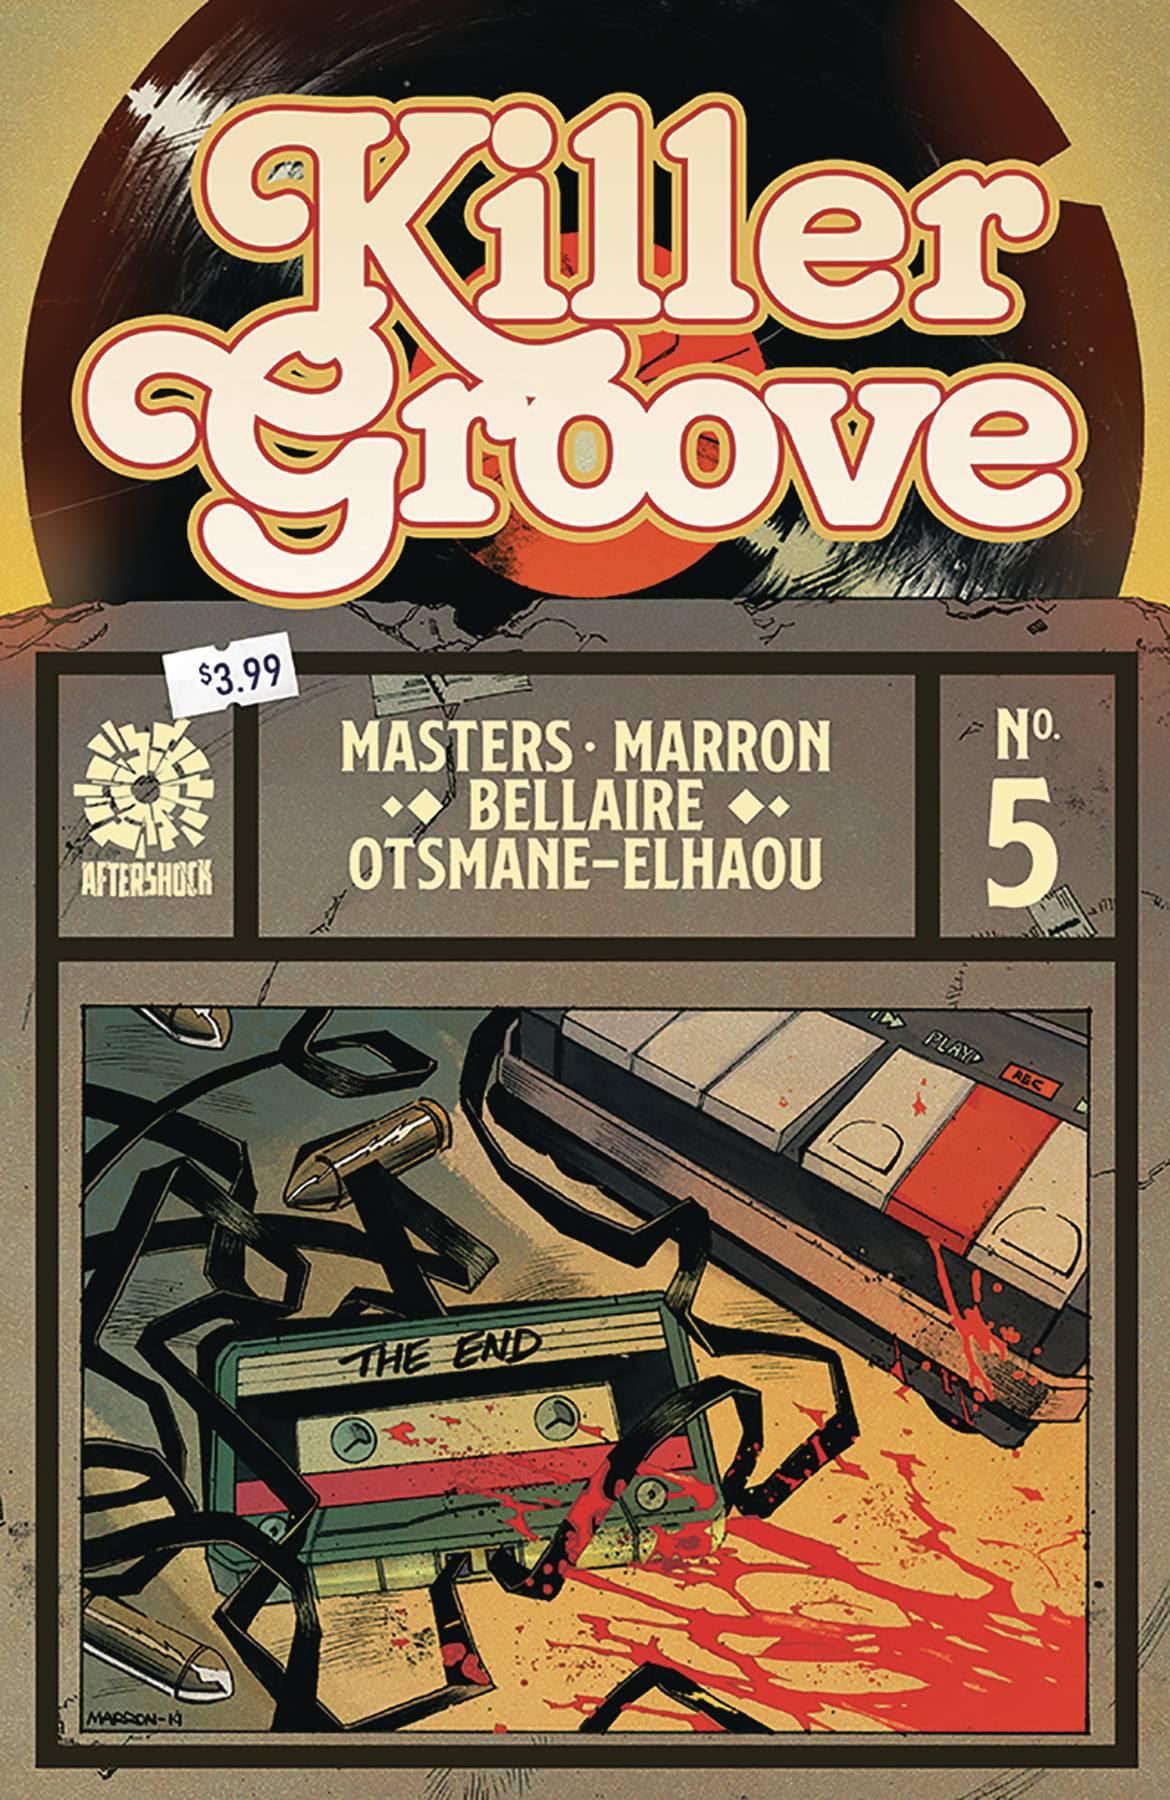 Killer Groove 5